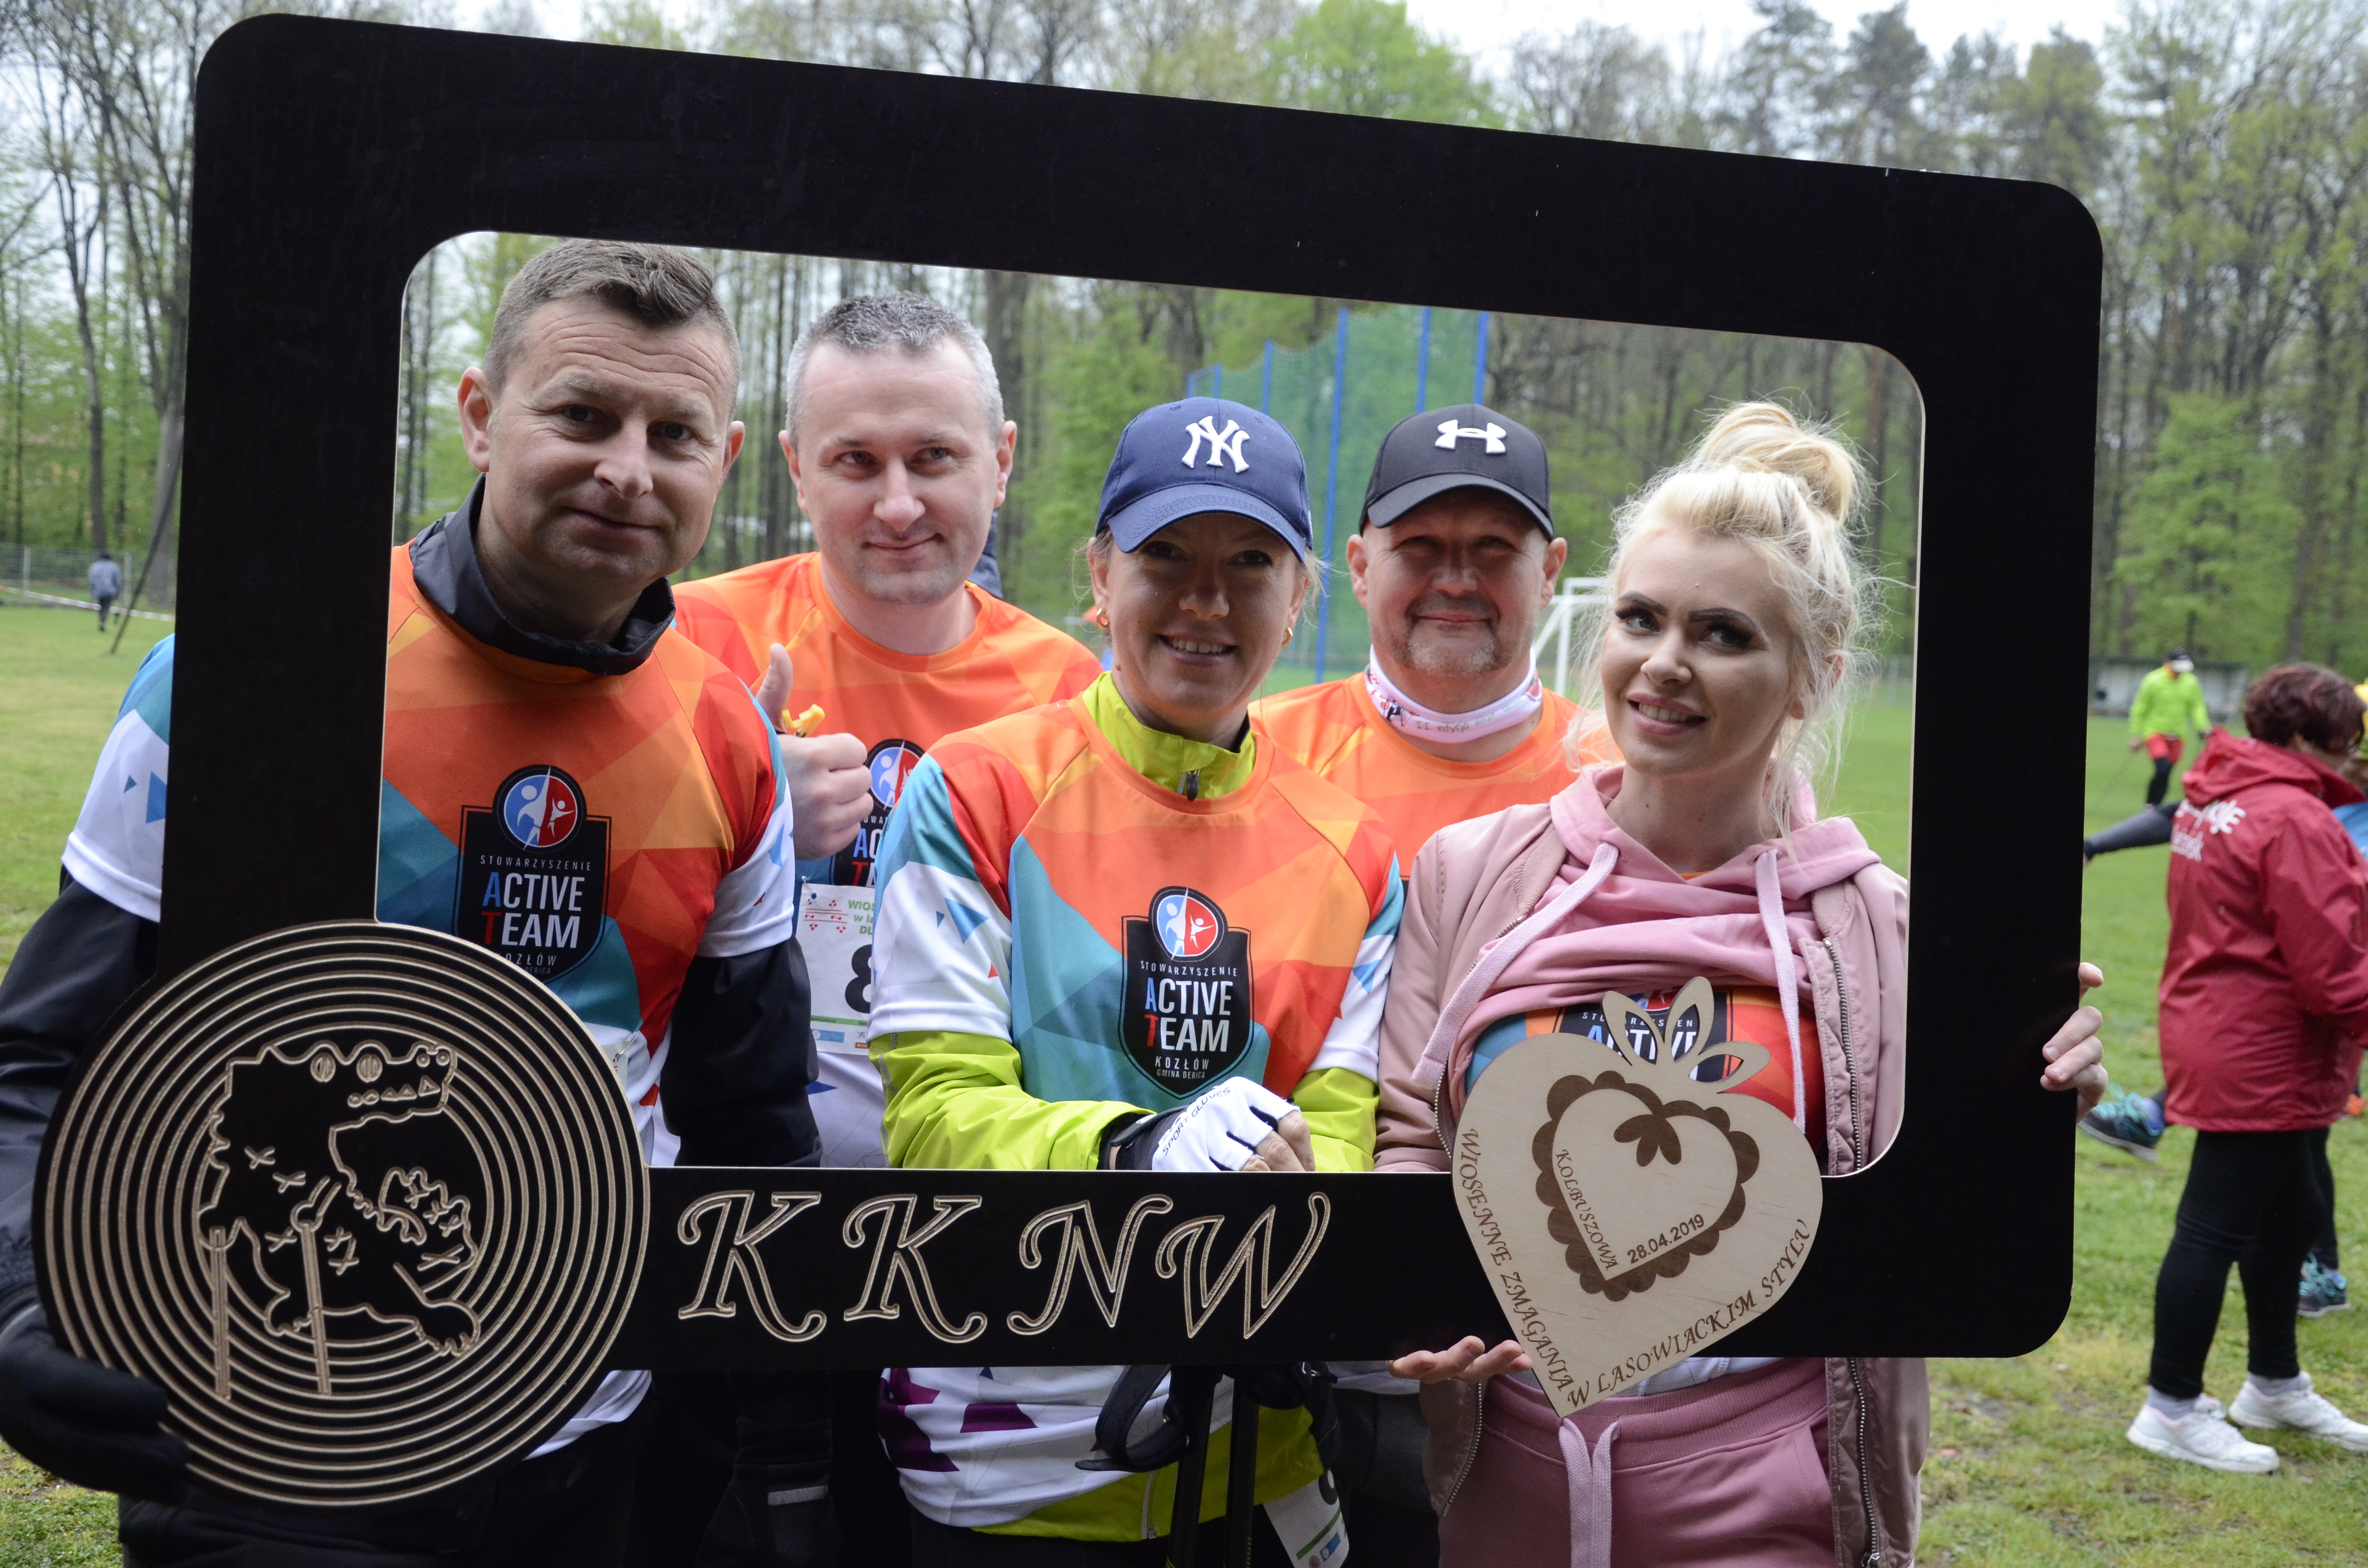 Zawody nordic walking, które odbyły się w Weryni, przyciągnęły mnóstwo amatorów i zawodowców tej dyscypliny [ZDJĘCIA] - Zdjęcie główne